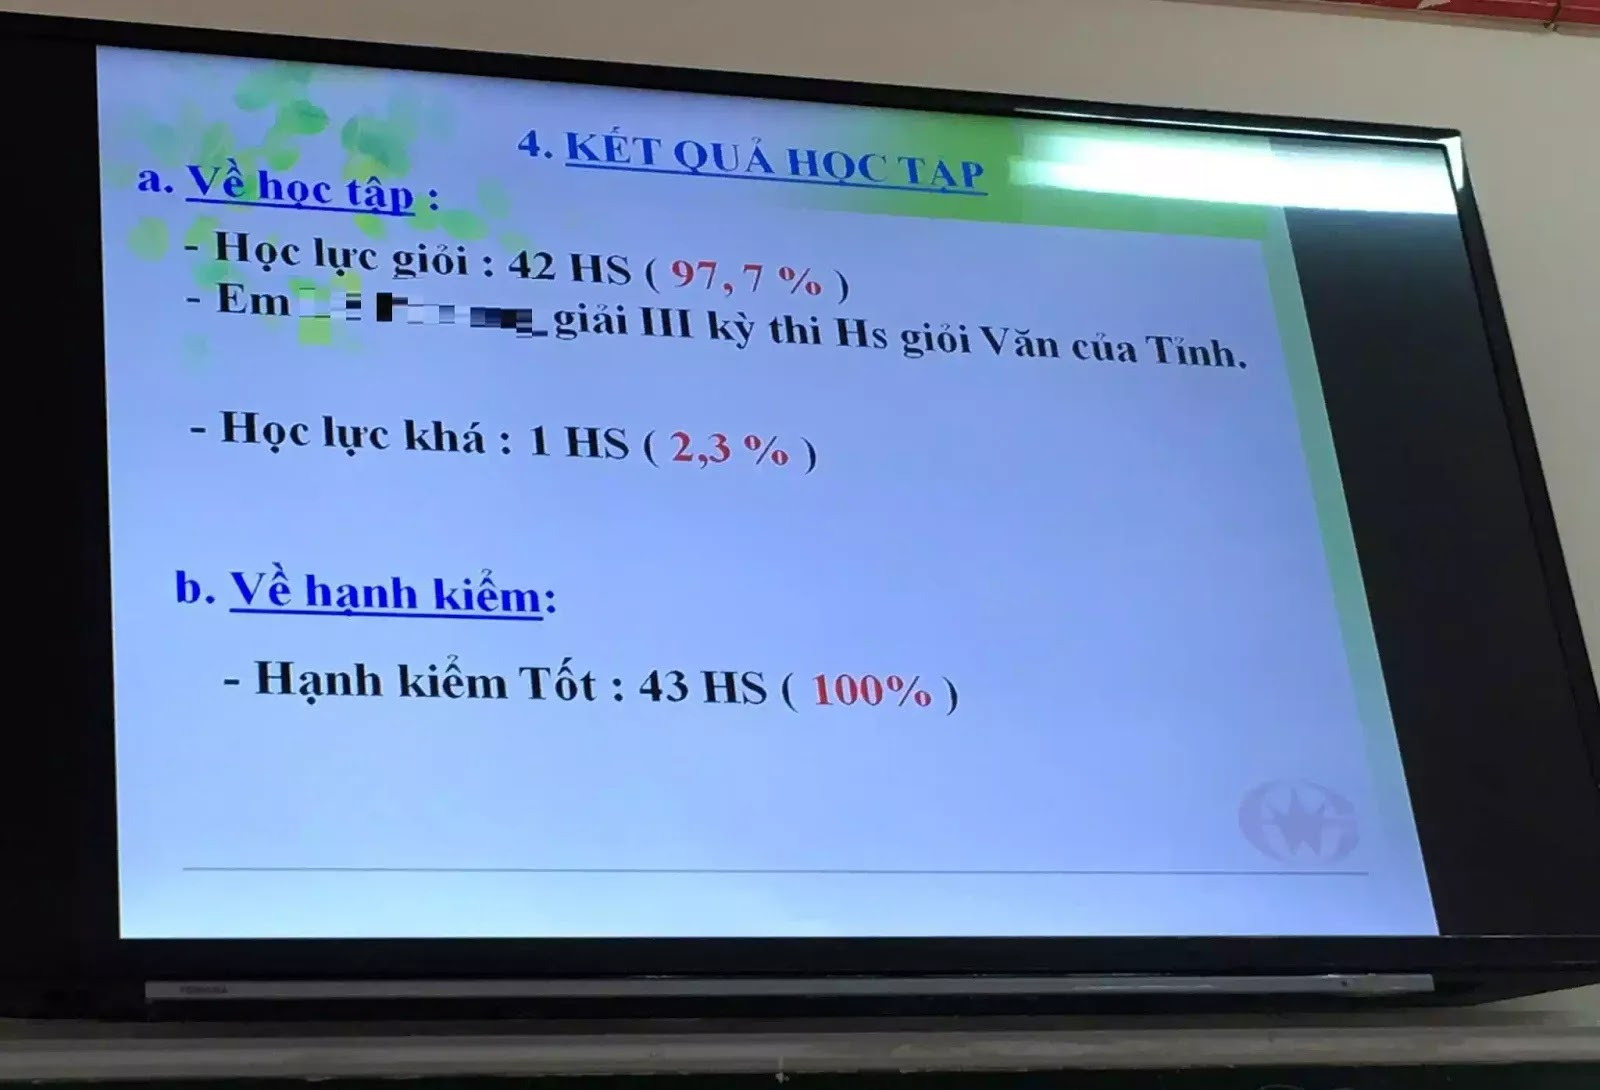 Lớp chọn của một trường học ở tỉnh Bà Rịa - Vũng Tàu có 42/43 học sinh giỏi.